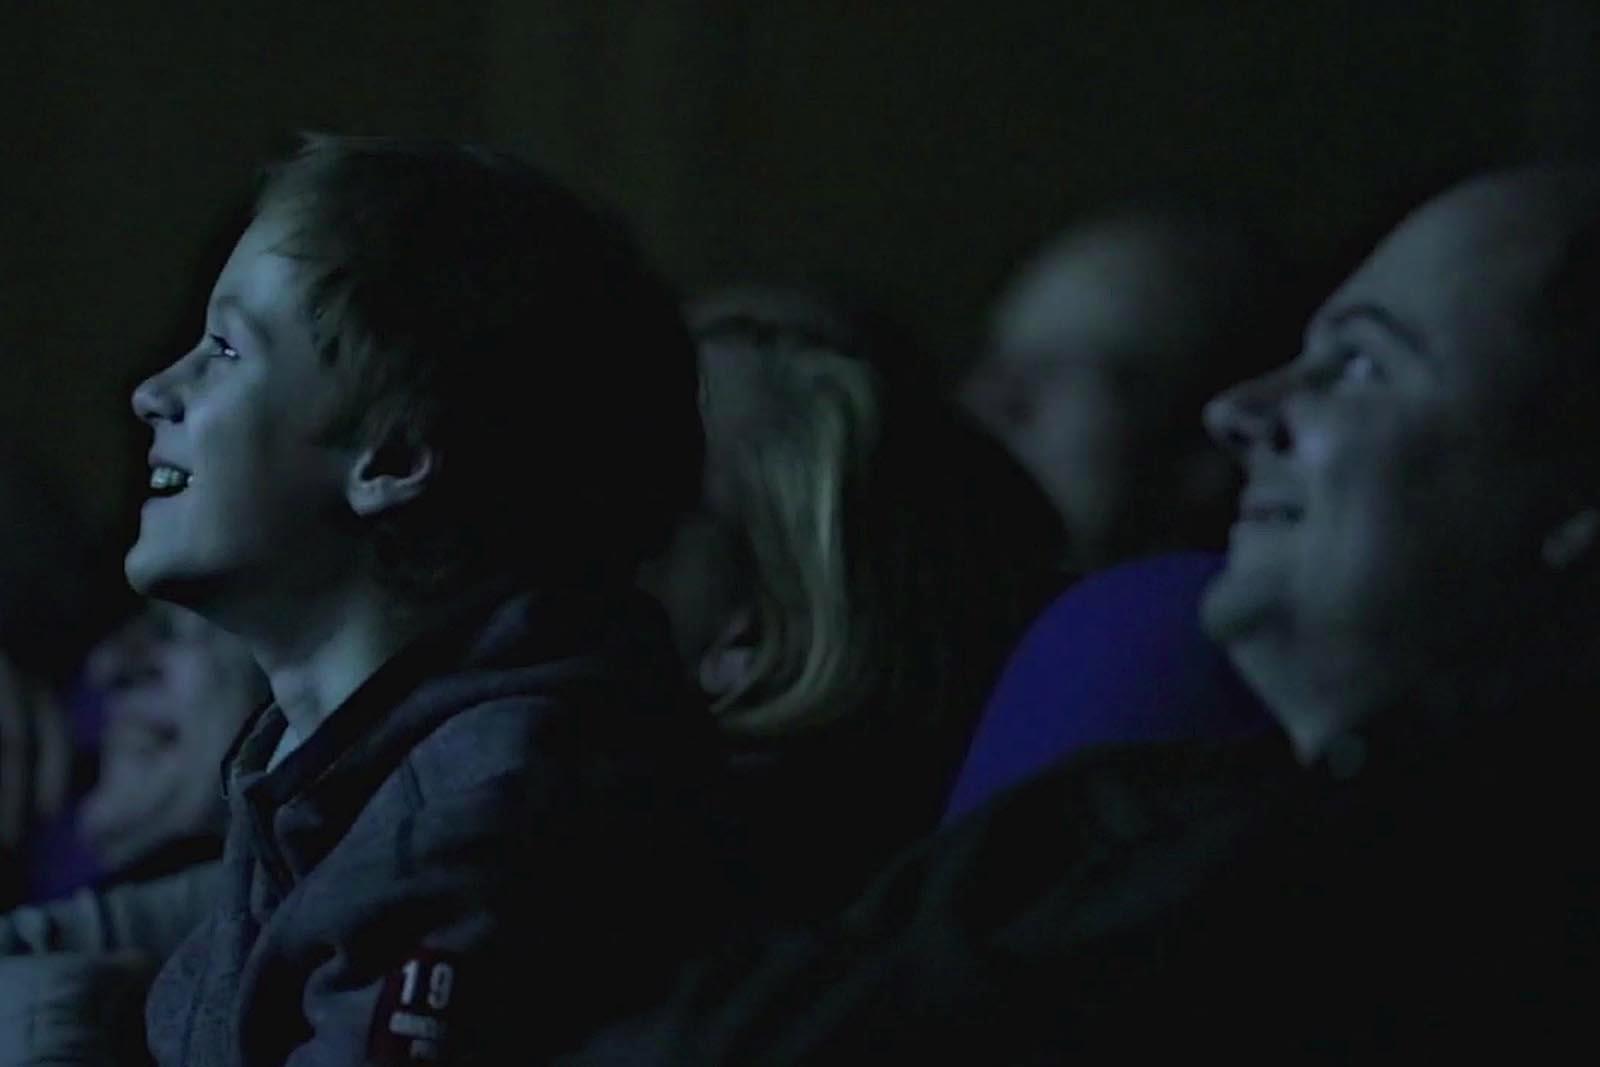 ein abend mit laurel & hardy - film | dirk hasskarl/fotografie